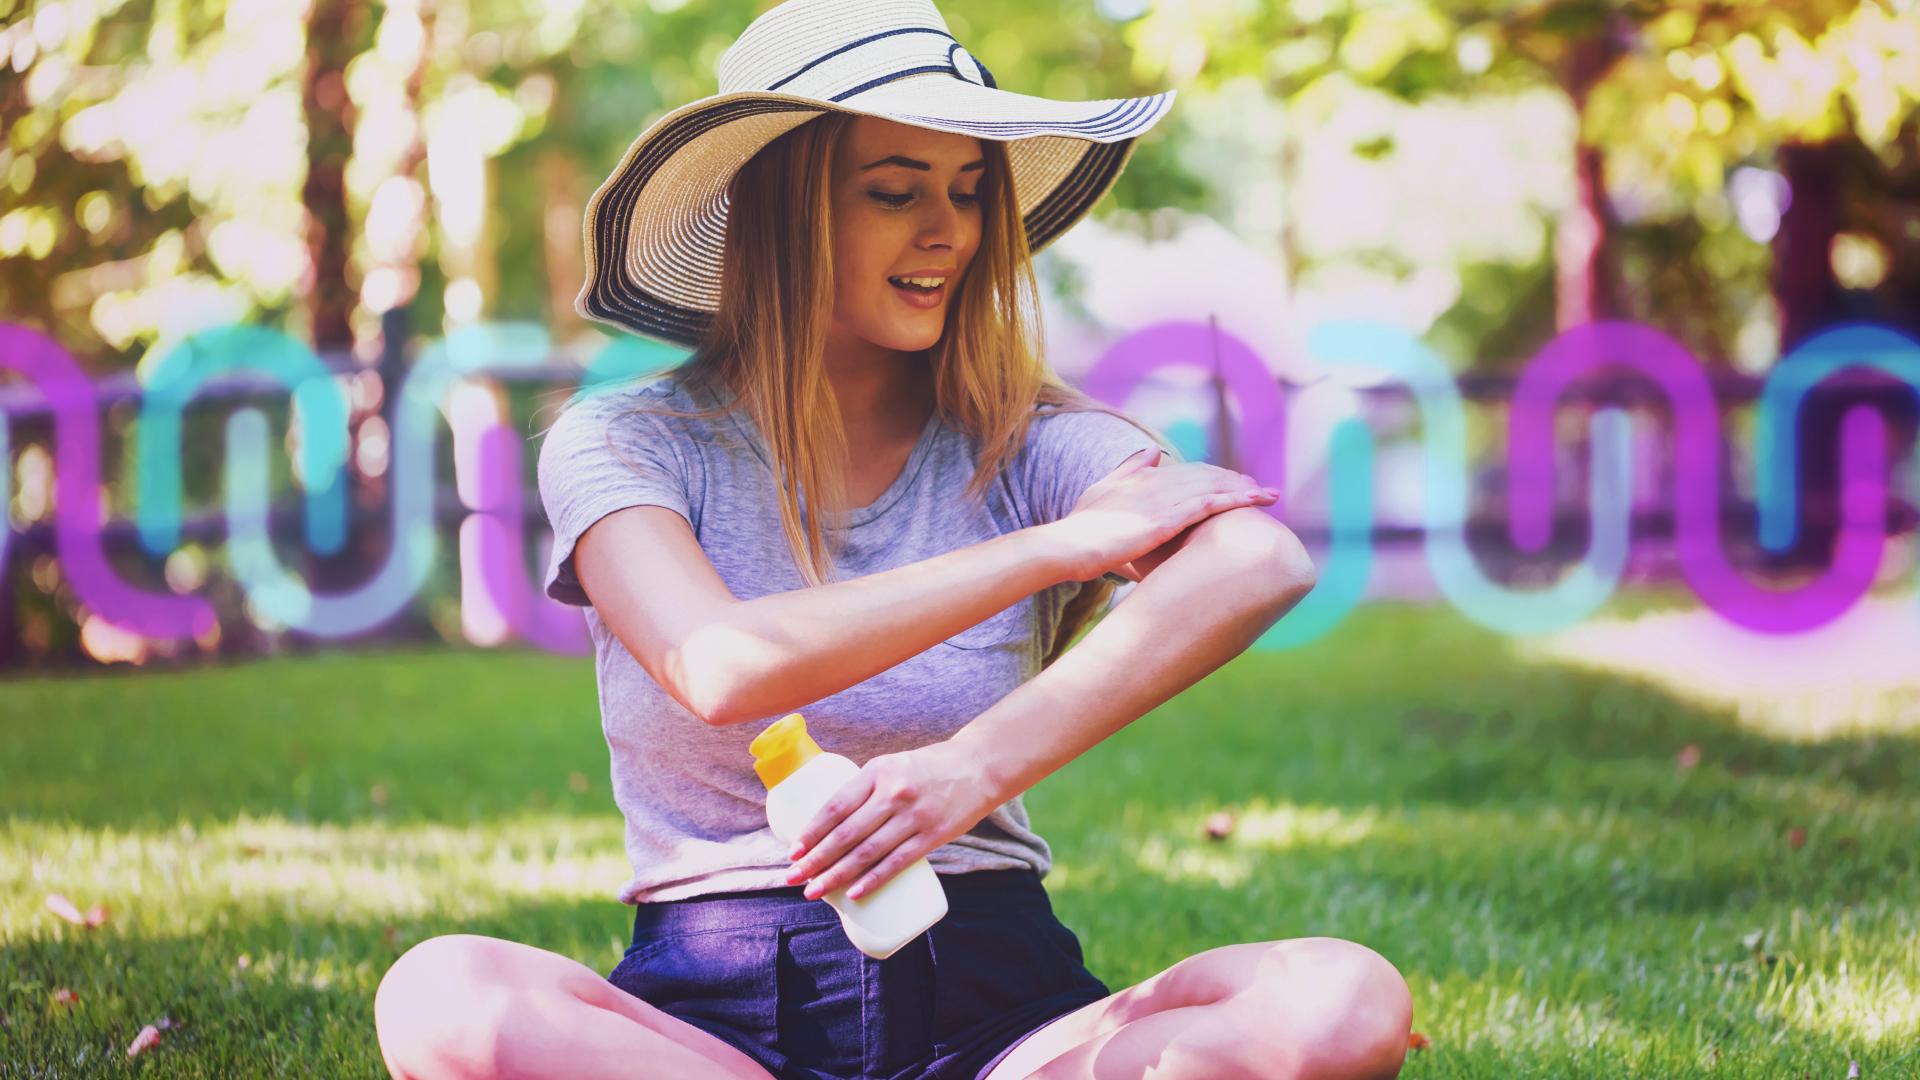 Verão exige cuidados redobrados com a pele; saiba o que fazer para se manter protegido durante a estação.